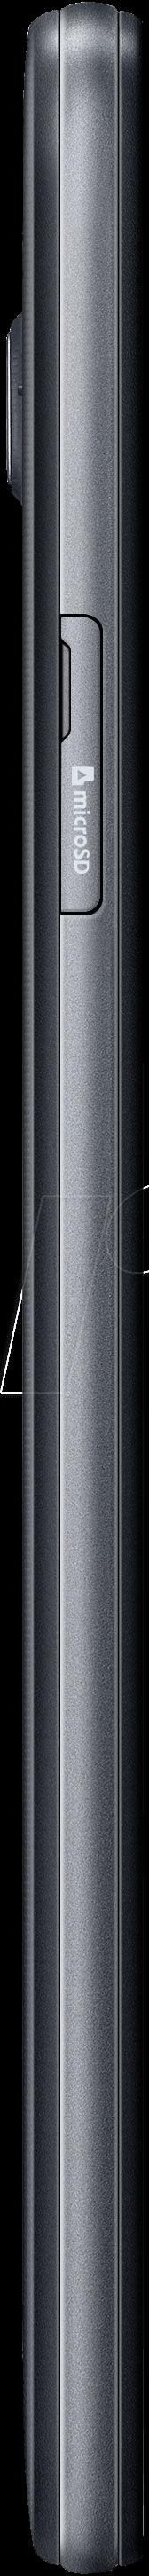 https://cdn-reichelt.de/bilder/web/xxl_ws/E910/SAMSUNG_SM-T280_SW_05.png